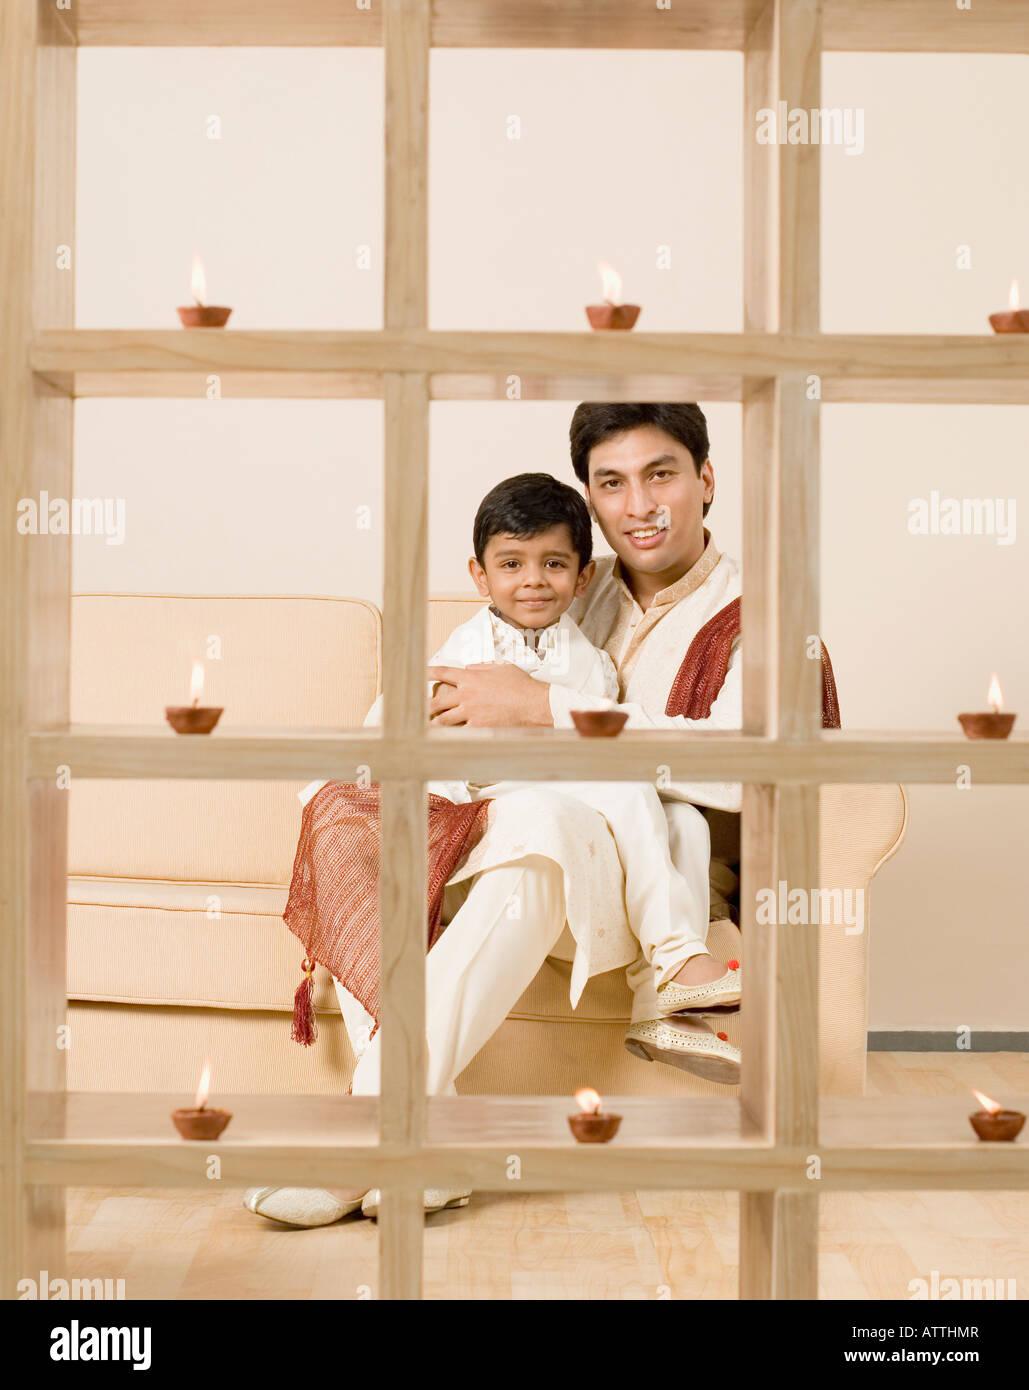 Junger Mann mit seinem Sohn auf einer Couch sitzend Stockfoto